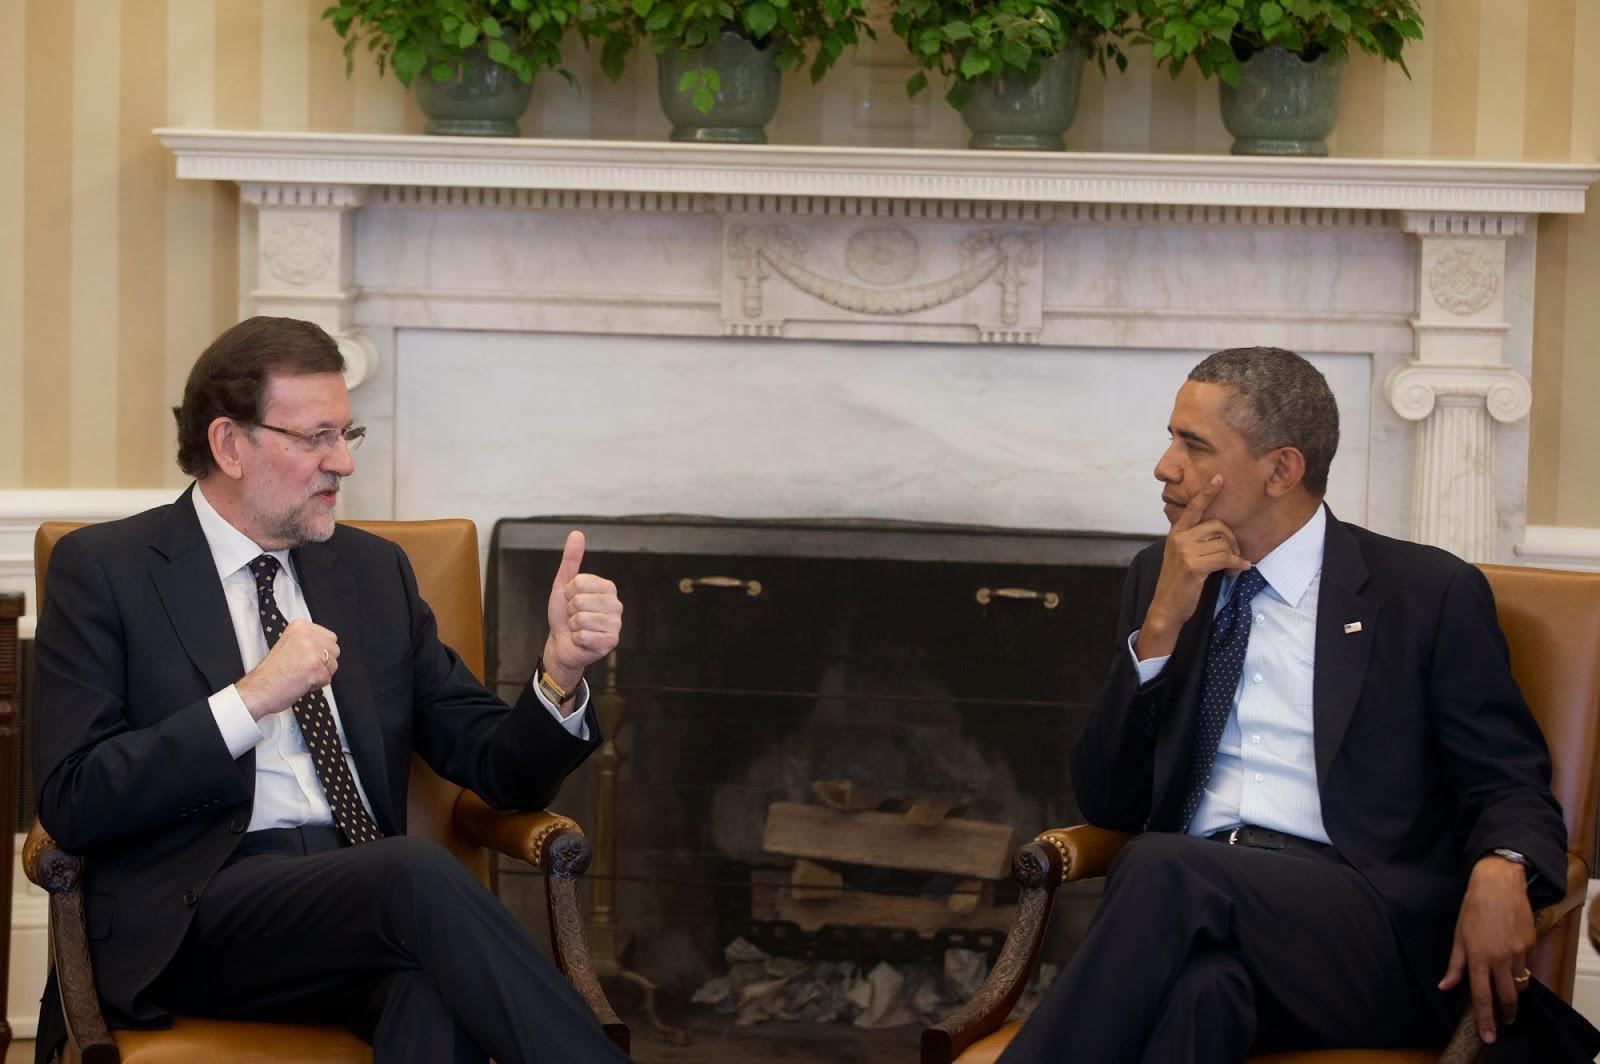 Encuentro de Mariano Rajoy con Barack Obama enero de 2014